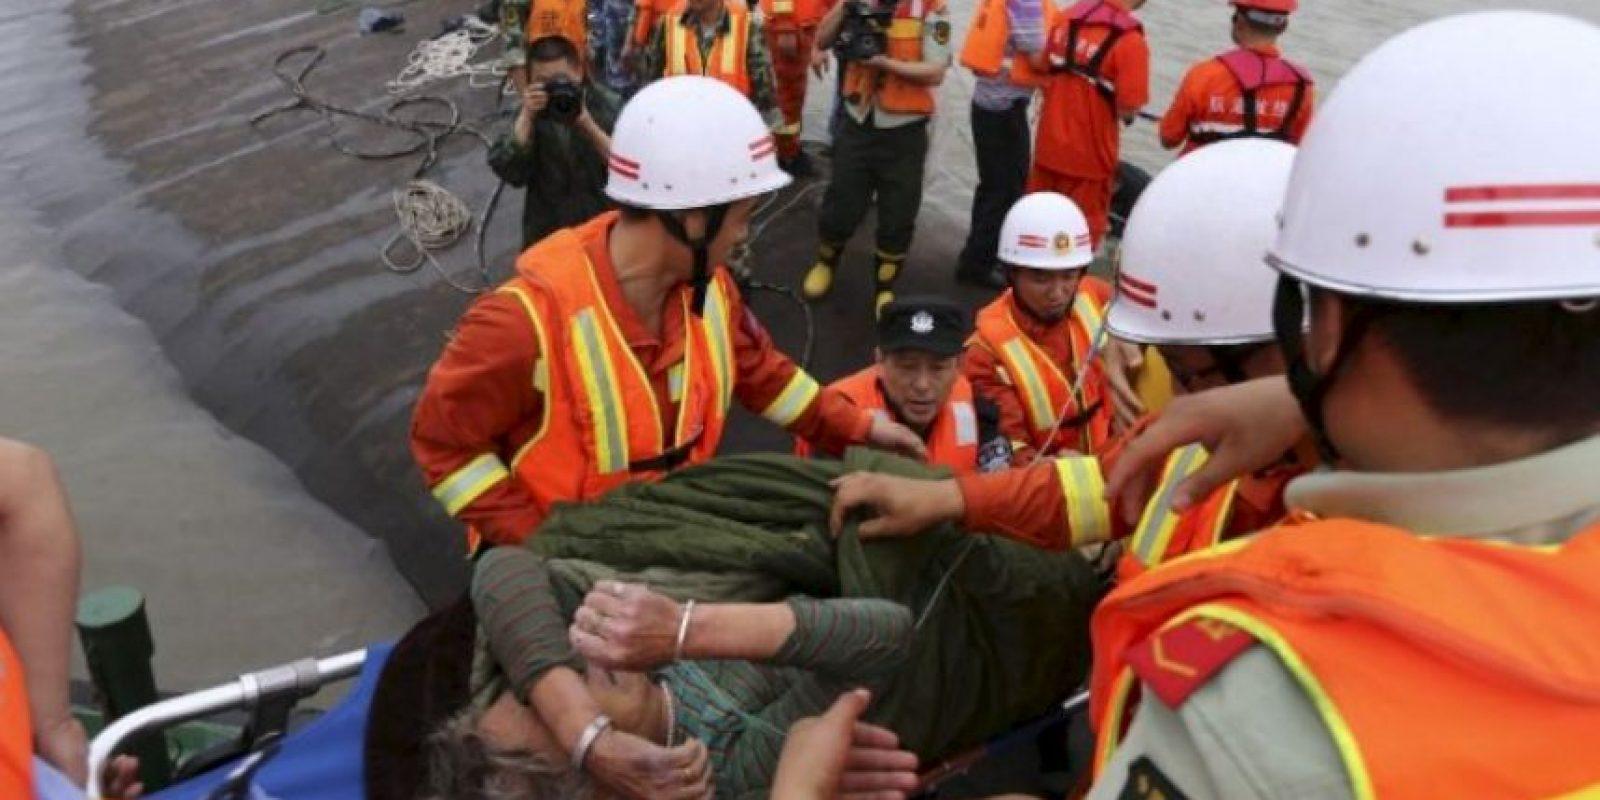 El hundimiento del barco podría ser una de las peores tragedias marítimas de China Foto:AP